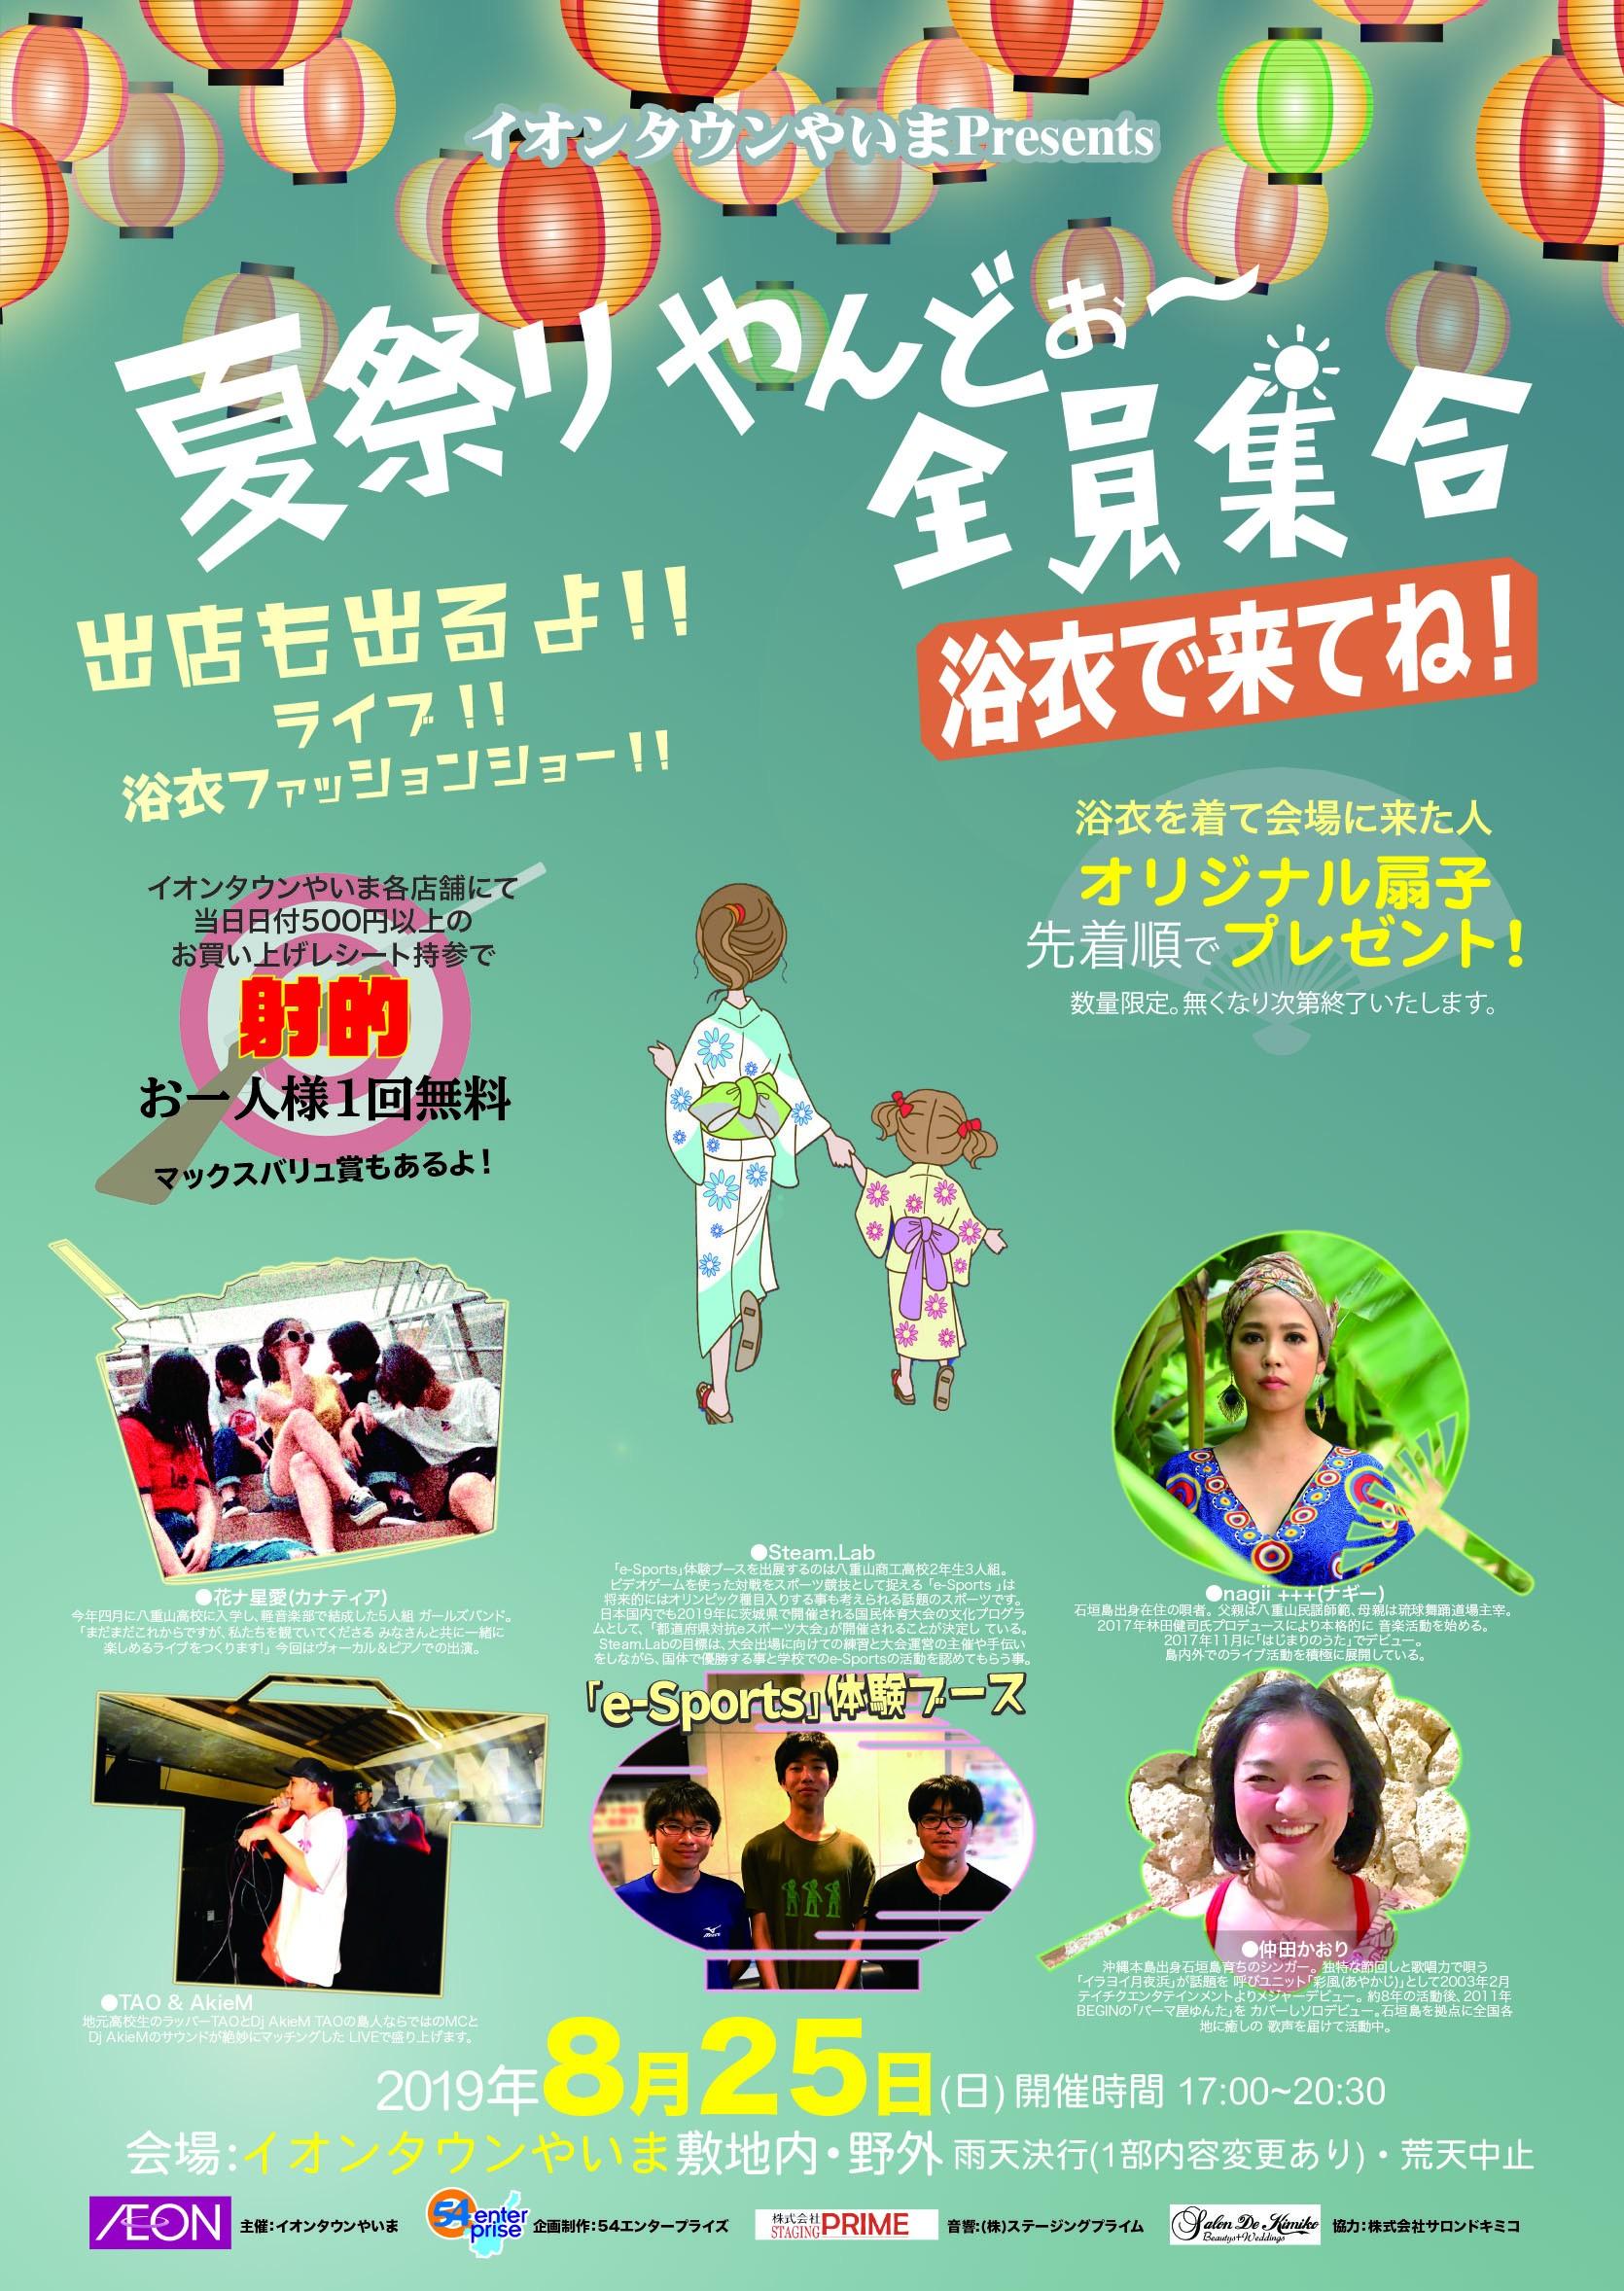 """イオンタウンやいまプレゼンツ""""夏まつりやんどぉ〜全員集合!!"""""""